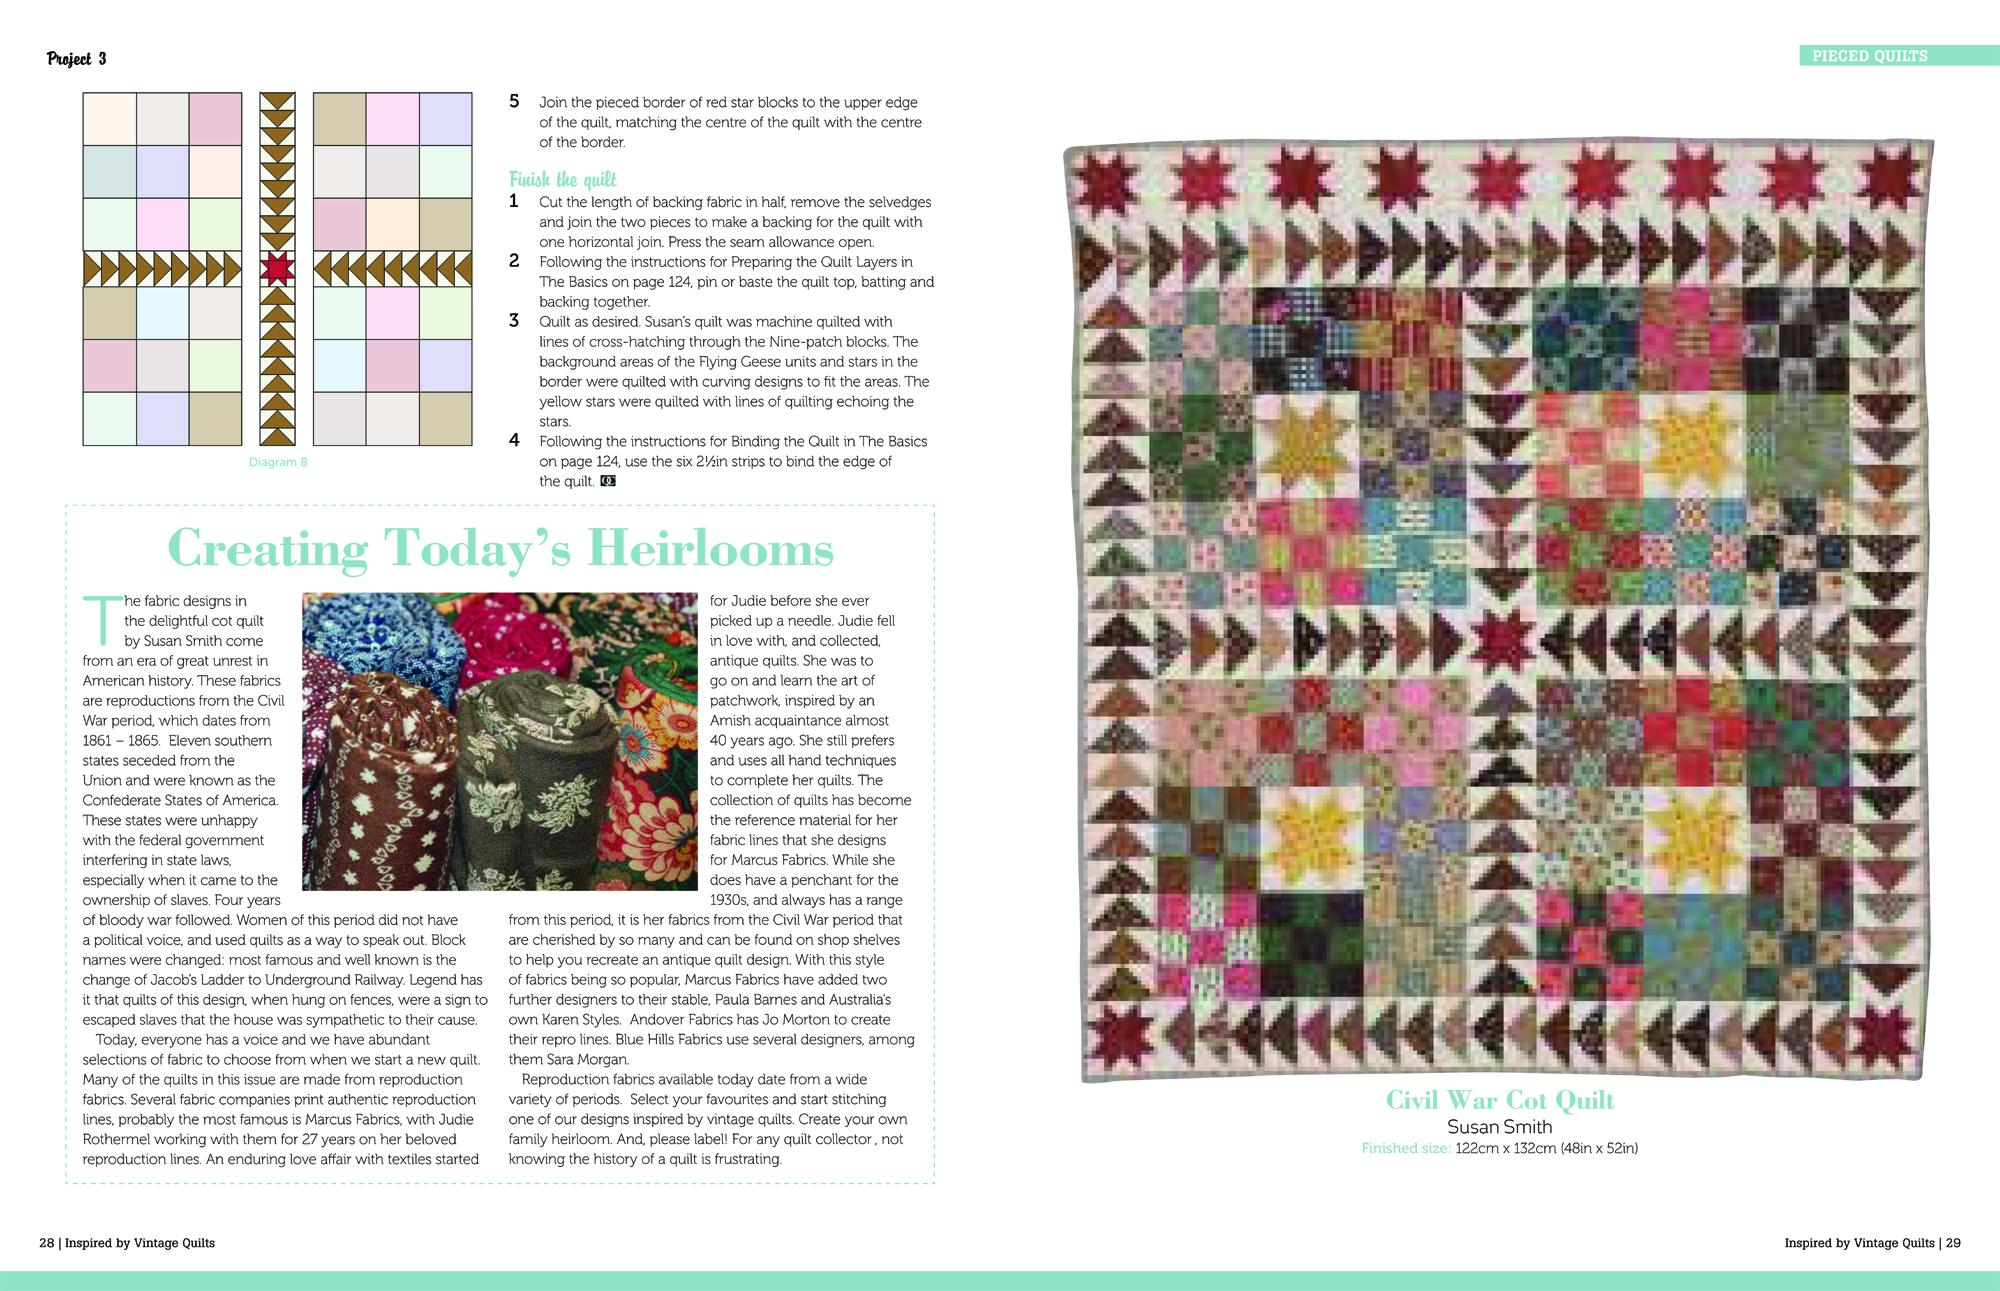 Vintage Quilts_CIVIL WAR COT QUILT